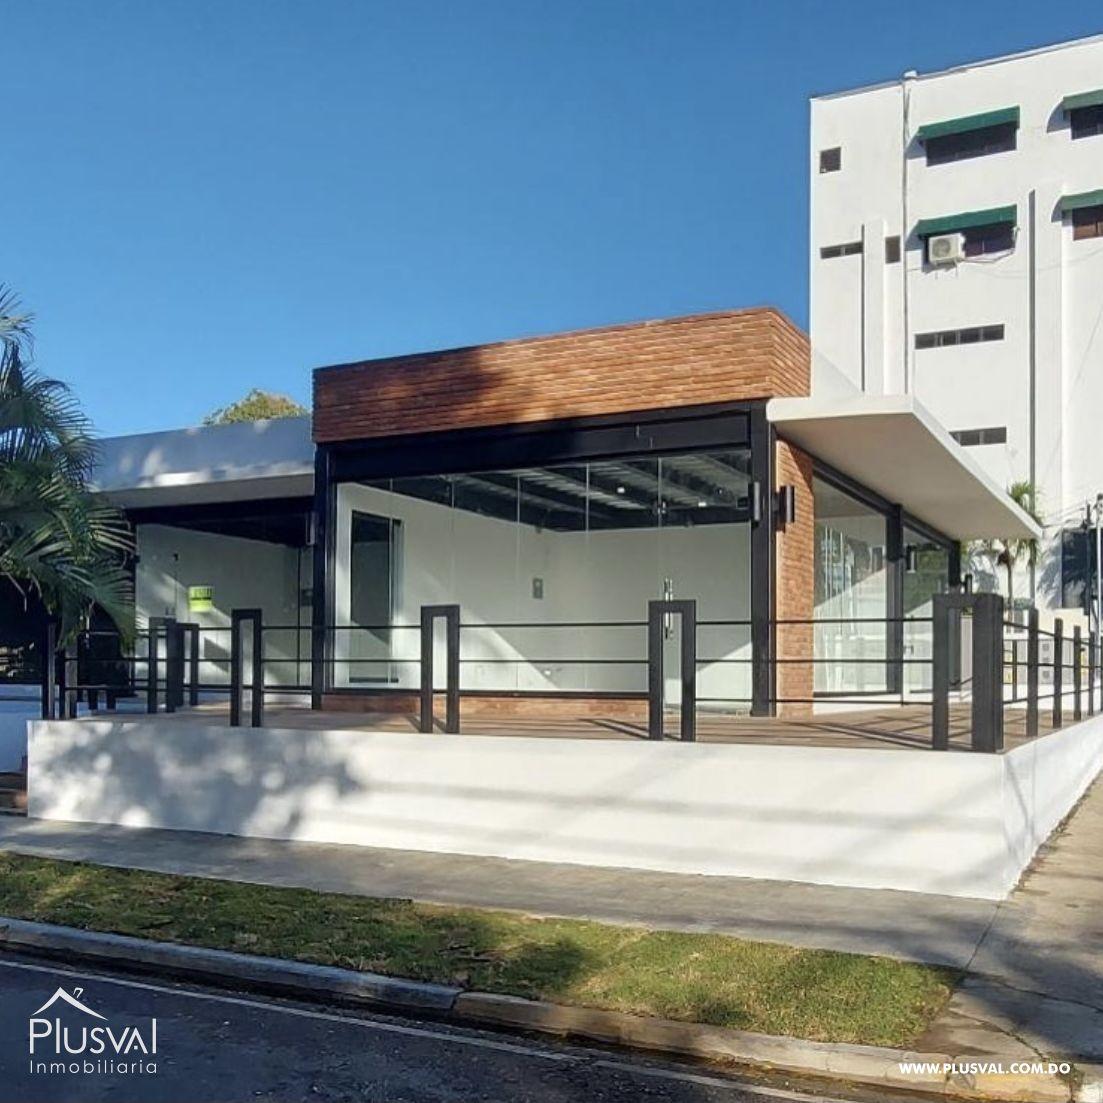 Local comerciales ubicados en Los Jardines Metropolitanos 176982